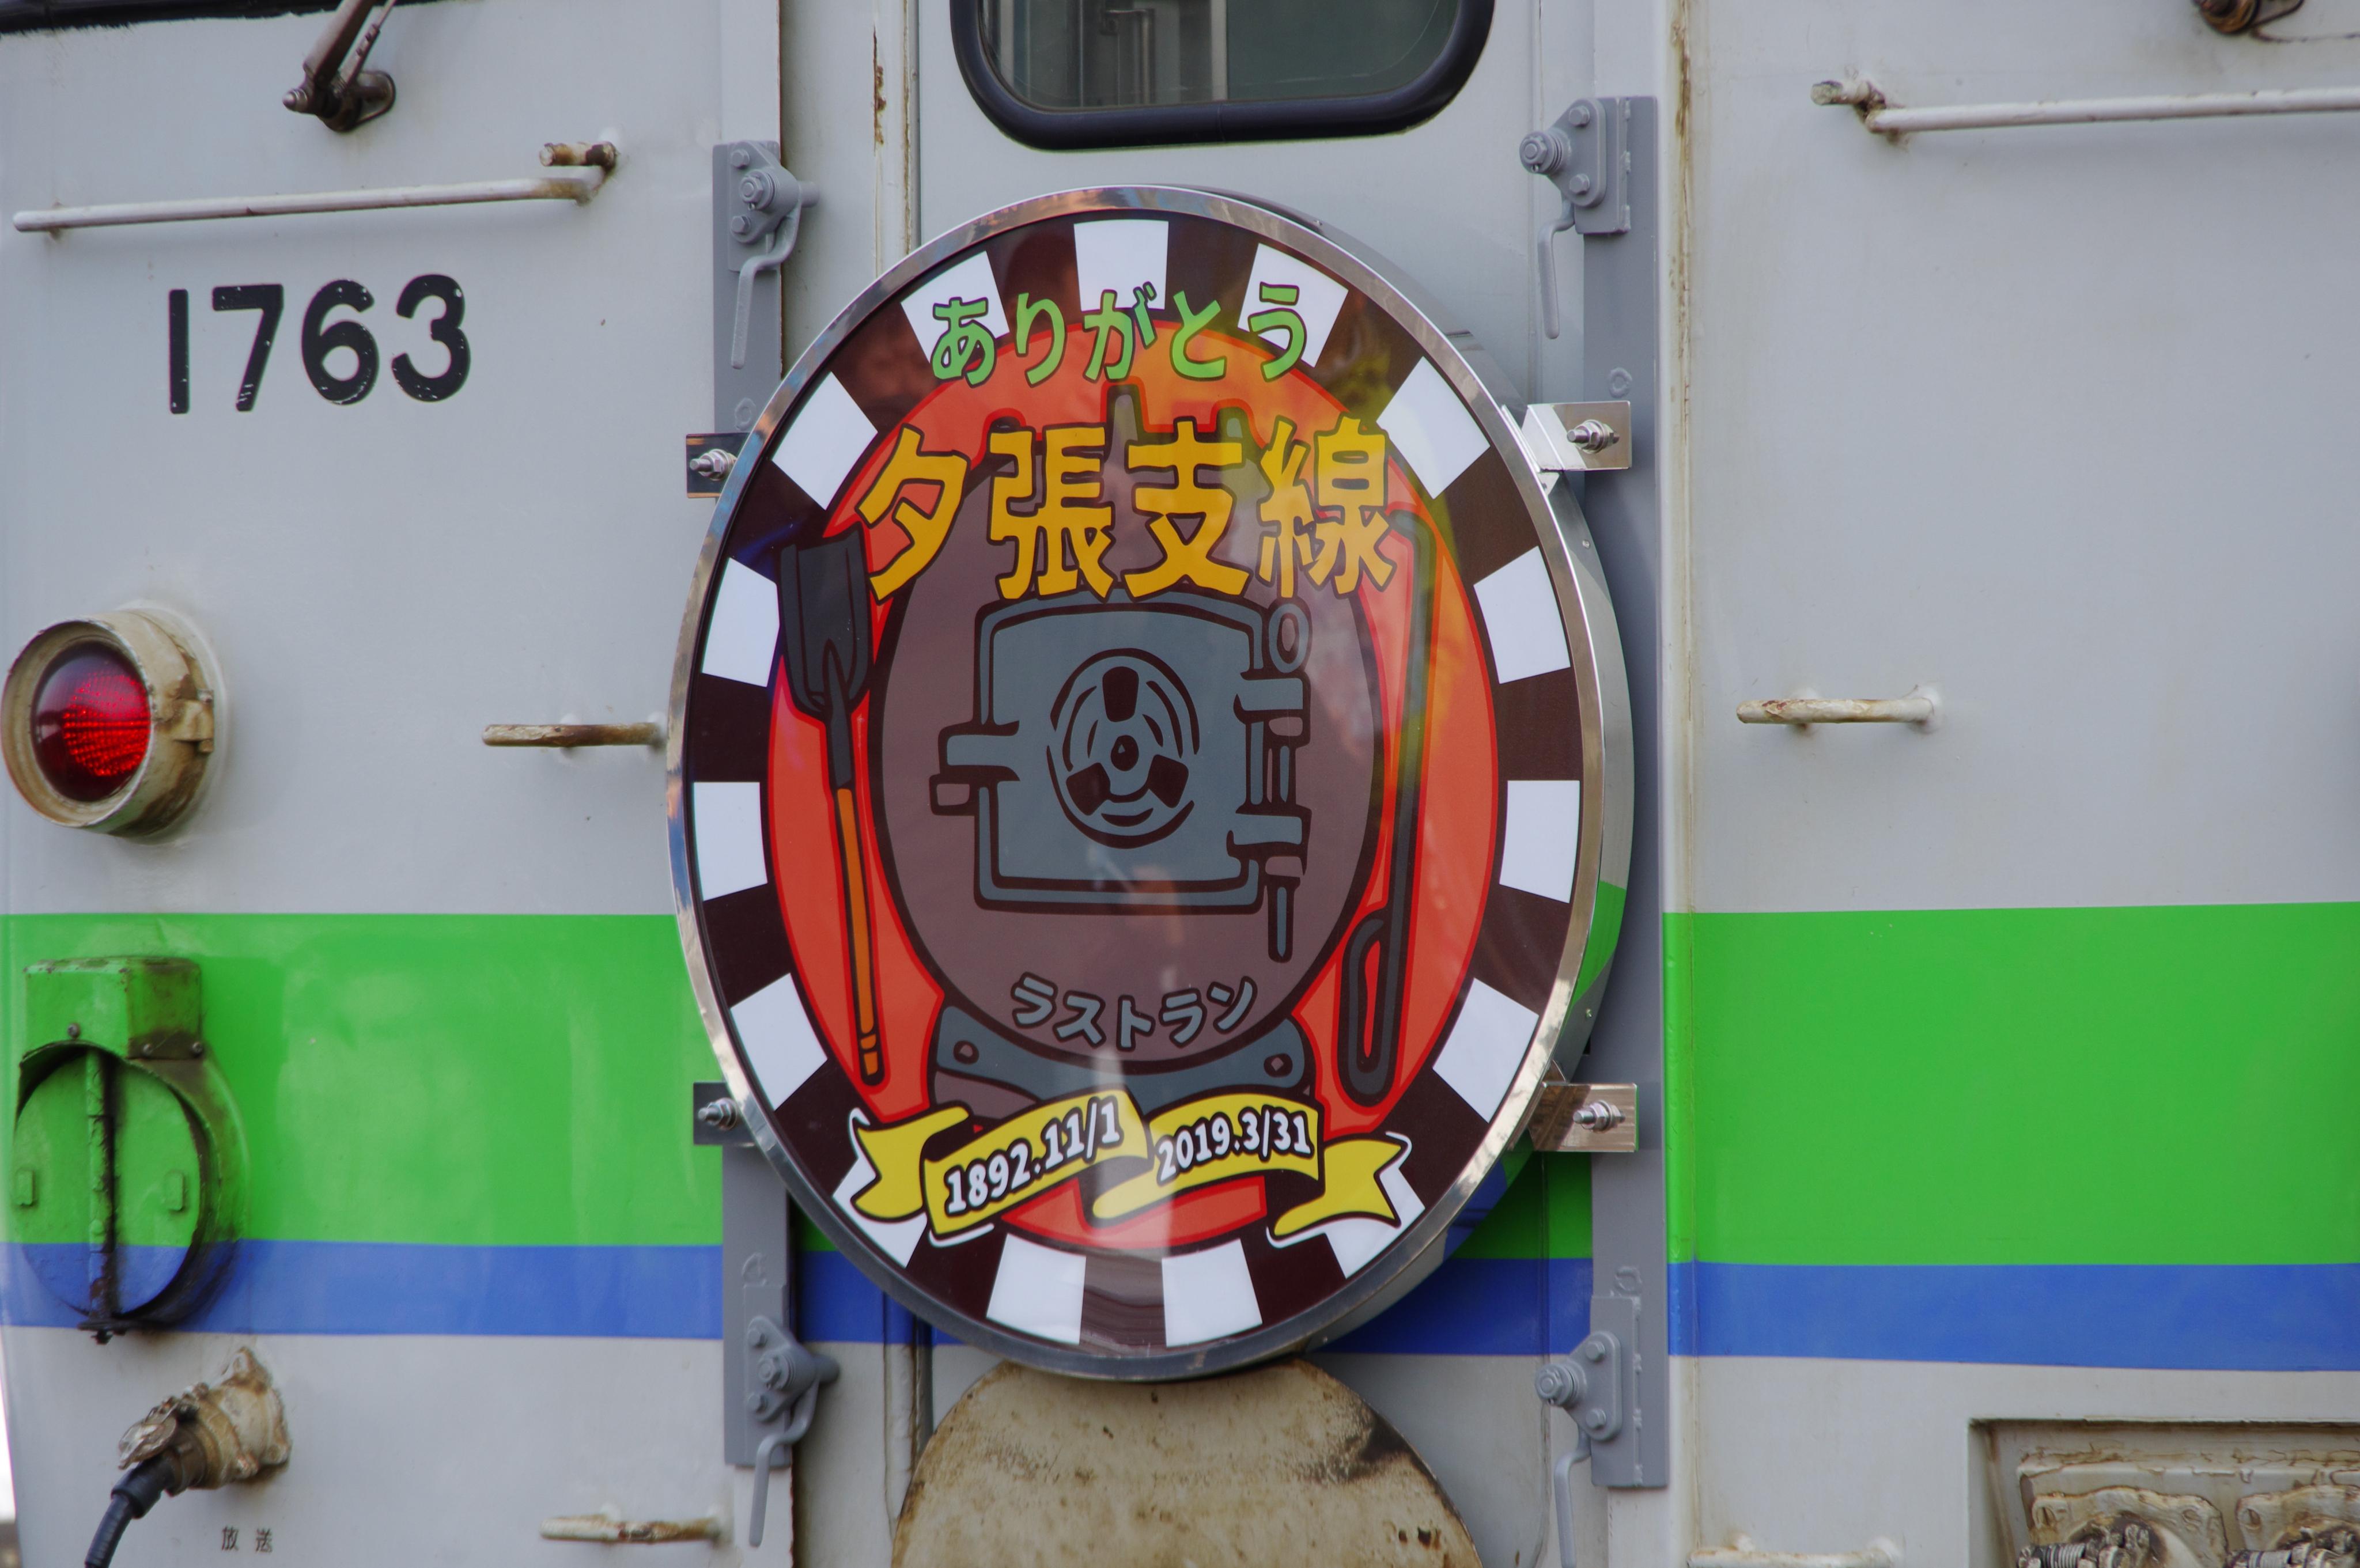 石勝線 夕張支線 ラストラン ヘッドマーク (1).jpg